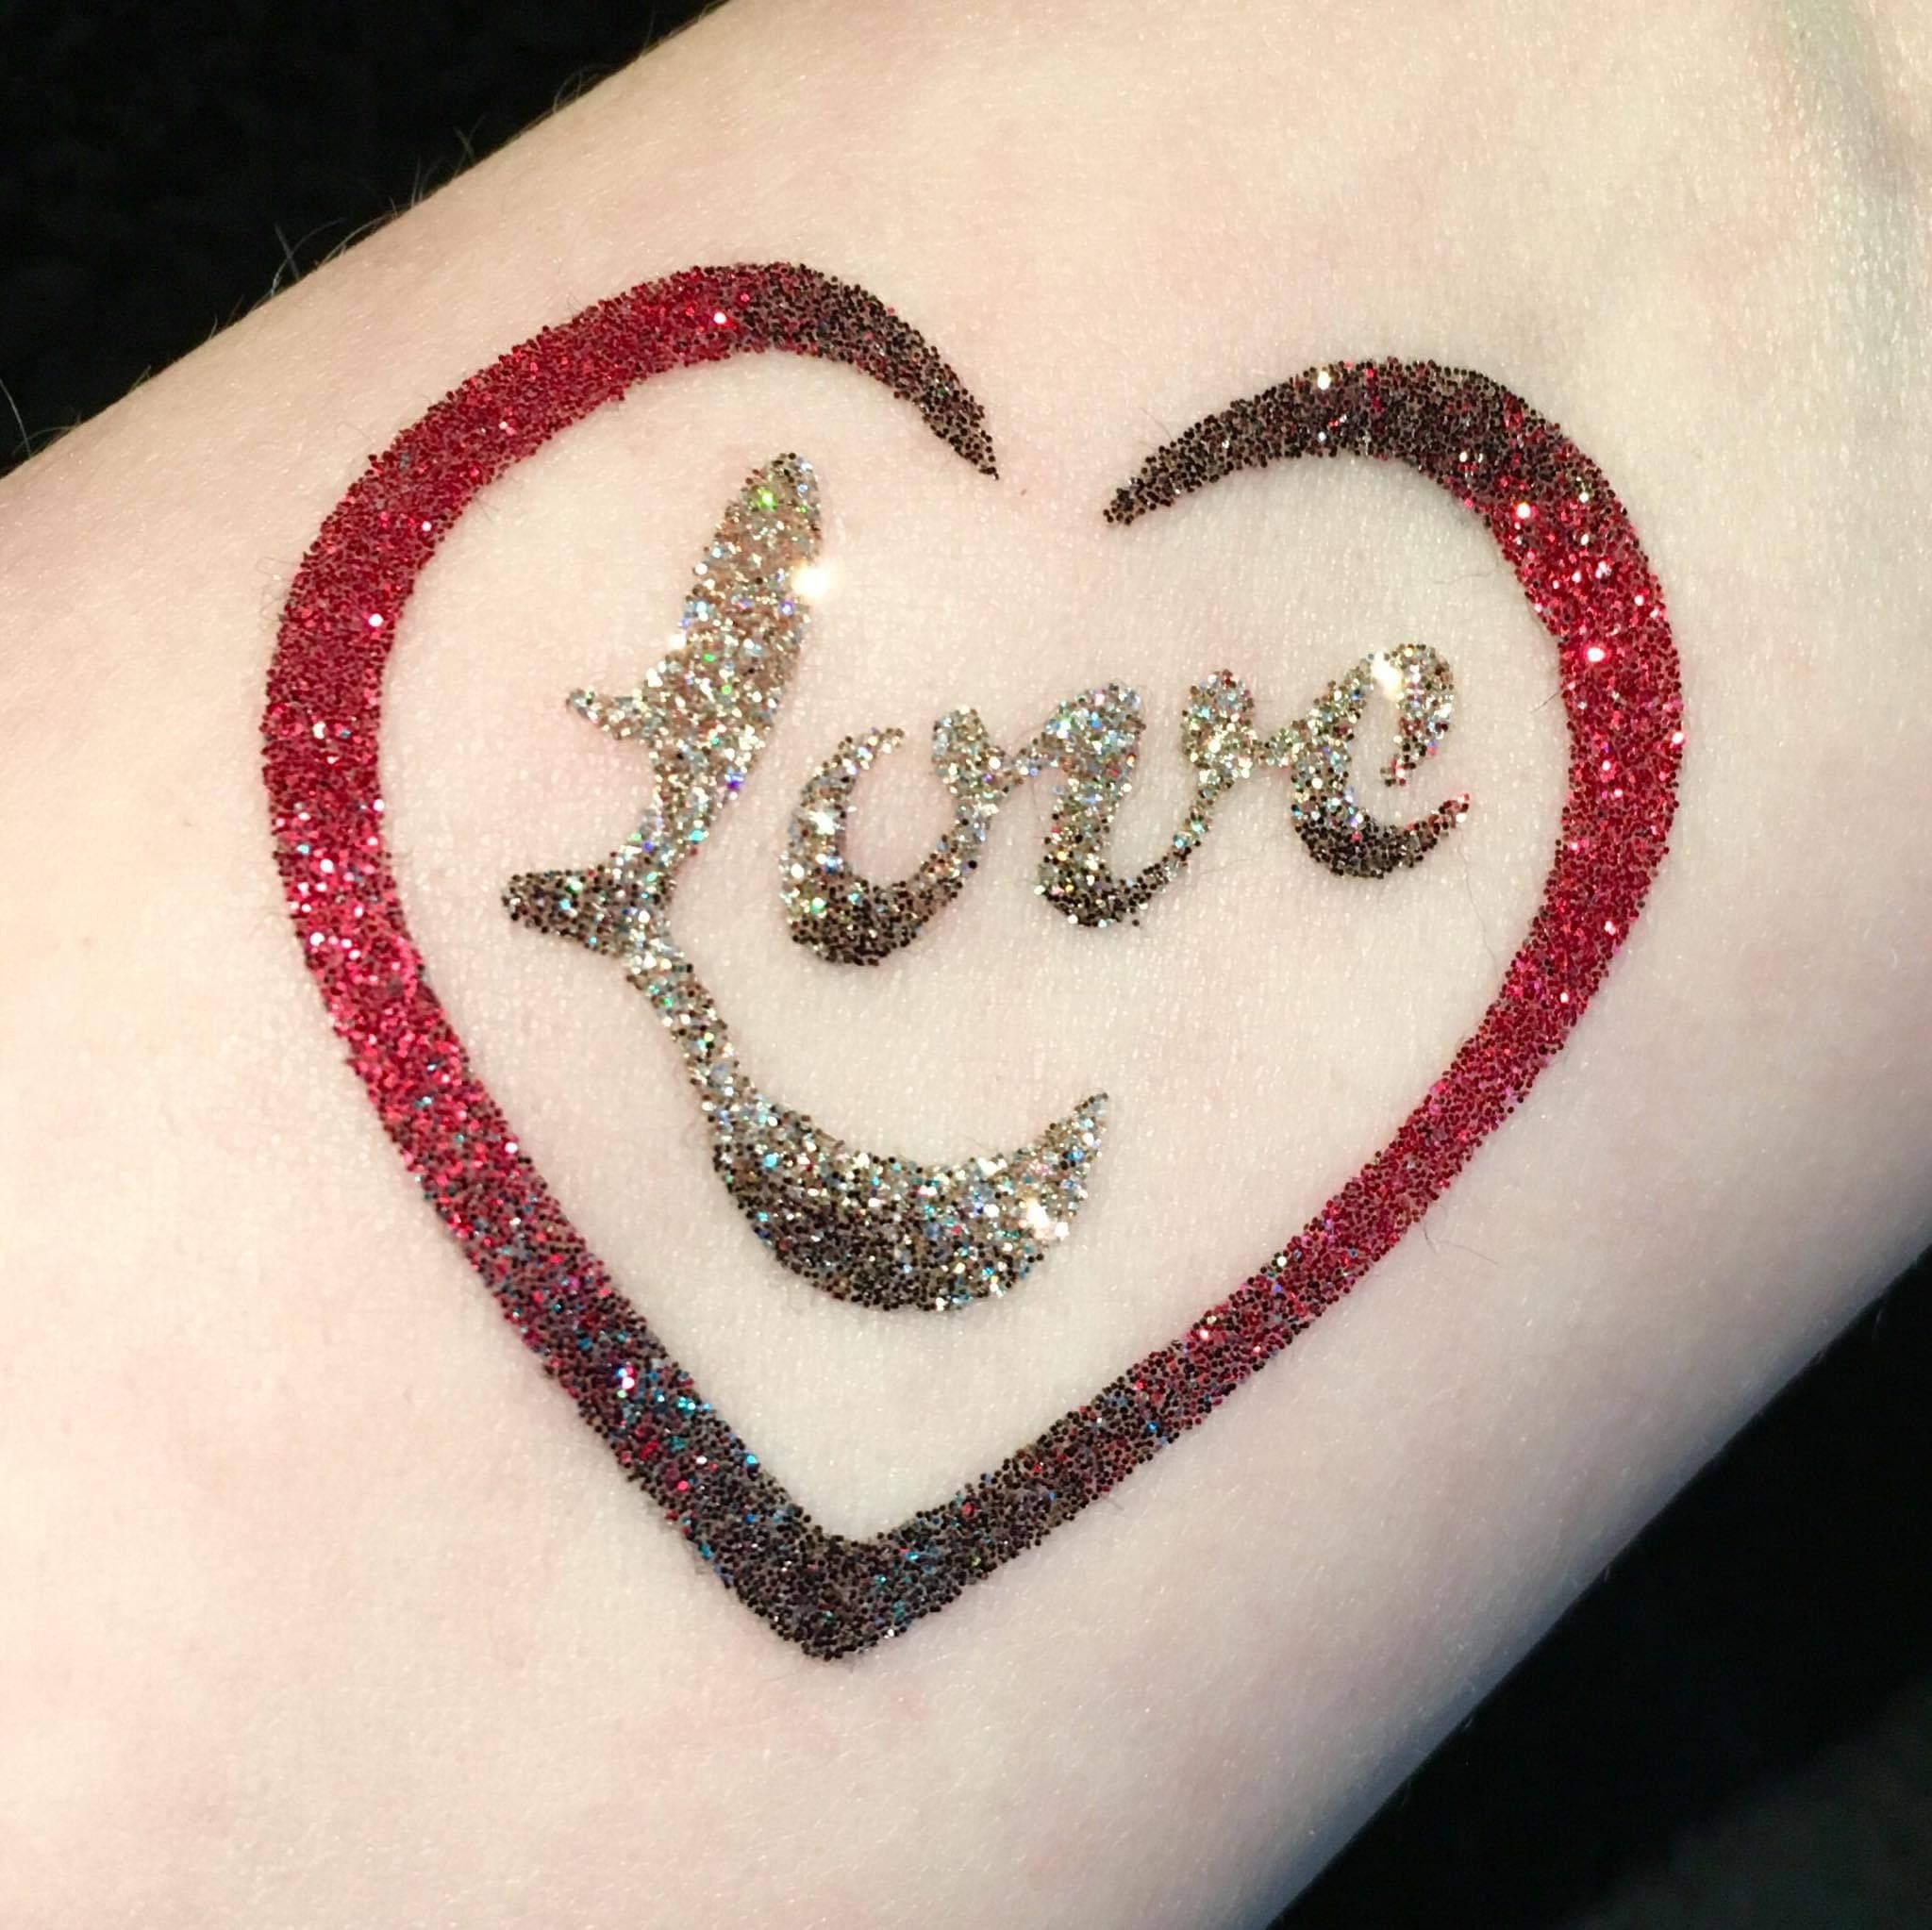 love heart temporary tattoo with love wordart written inside it